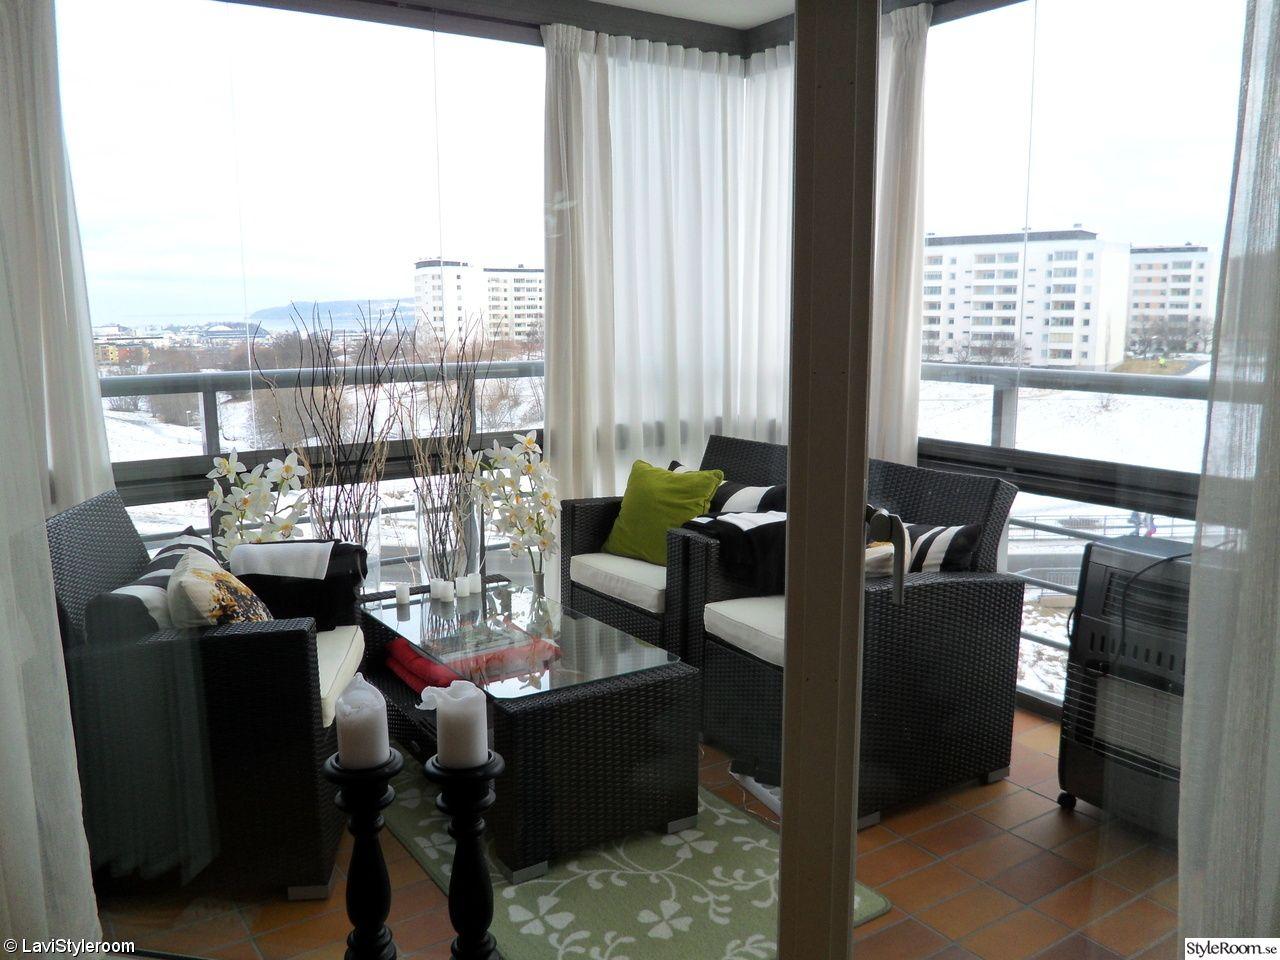 Inredning inglasning balkong : balkong,inglasad balkong,kuddar,gardiner,ljus   Nya läggan ...